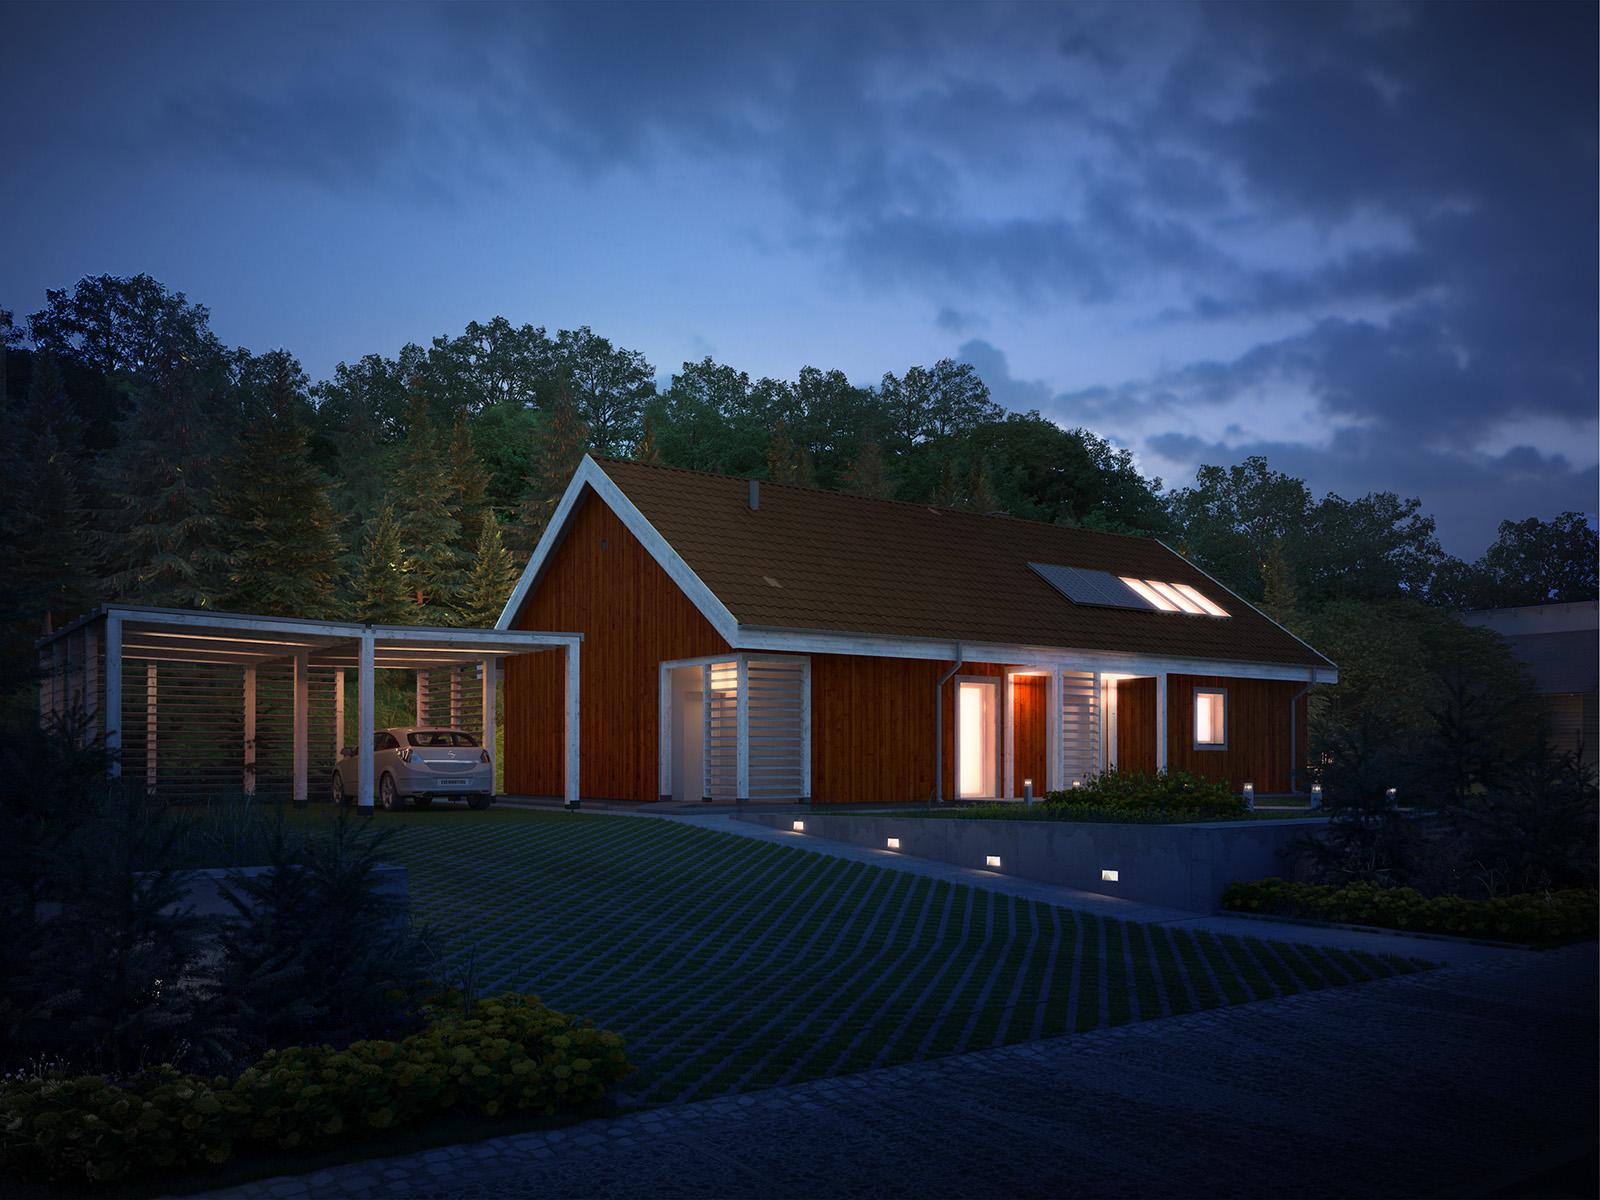 Projekt domu SKANDYNAWSKI Domy Czystej Energii widok od frontu